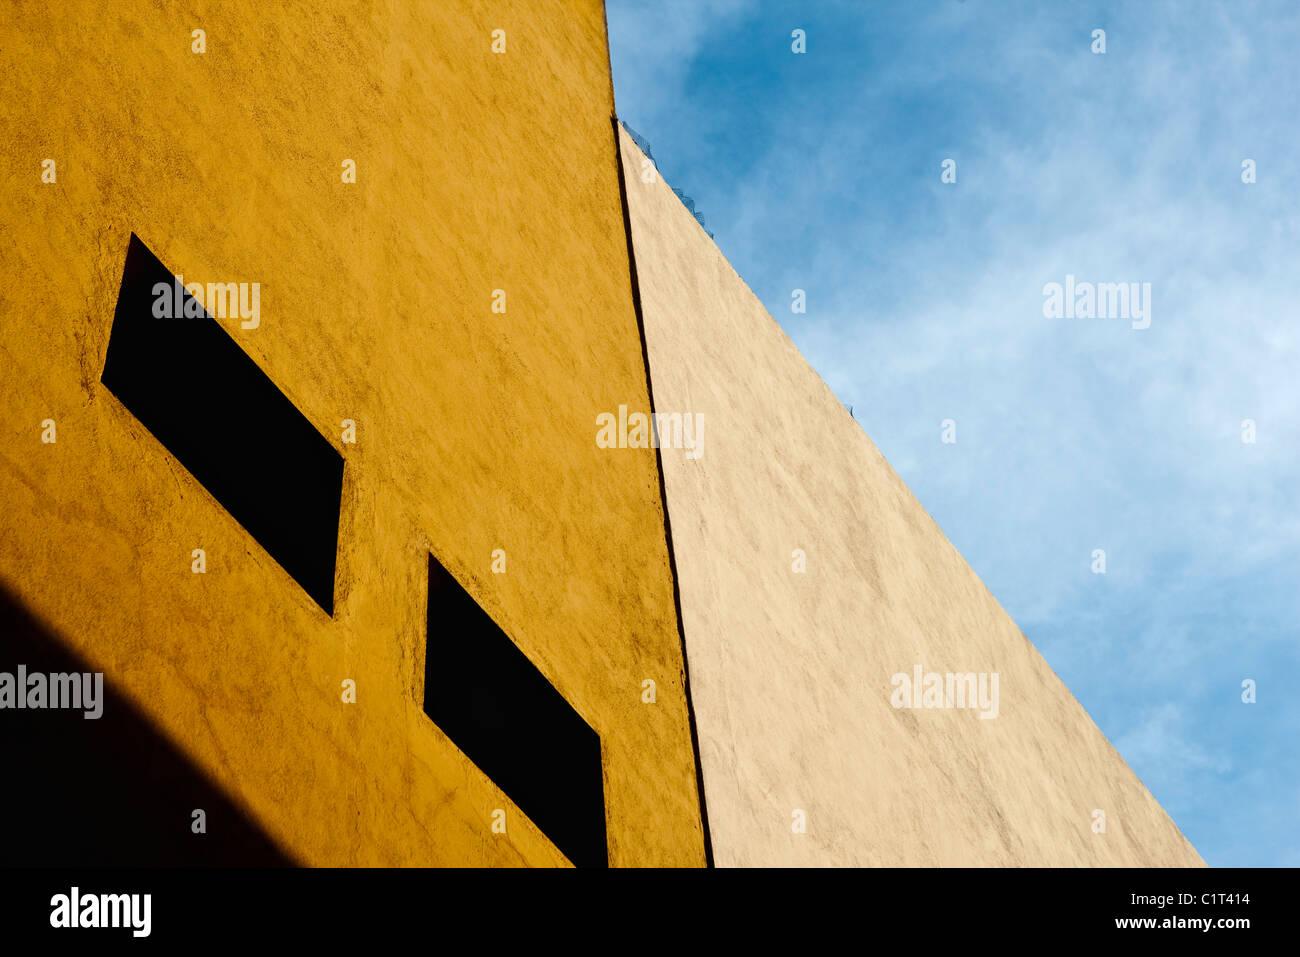 La façade de l'immeuble, croppedBanque D'Images